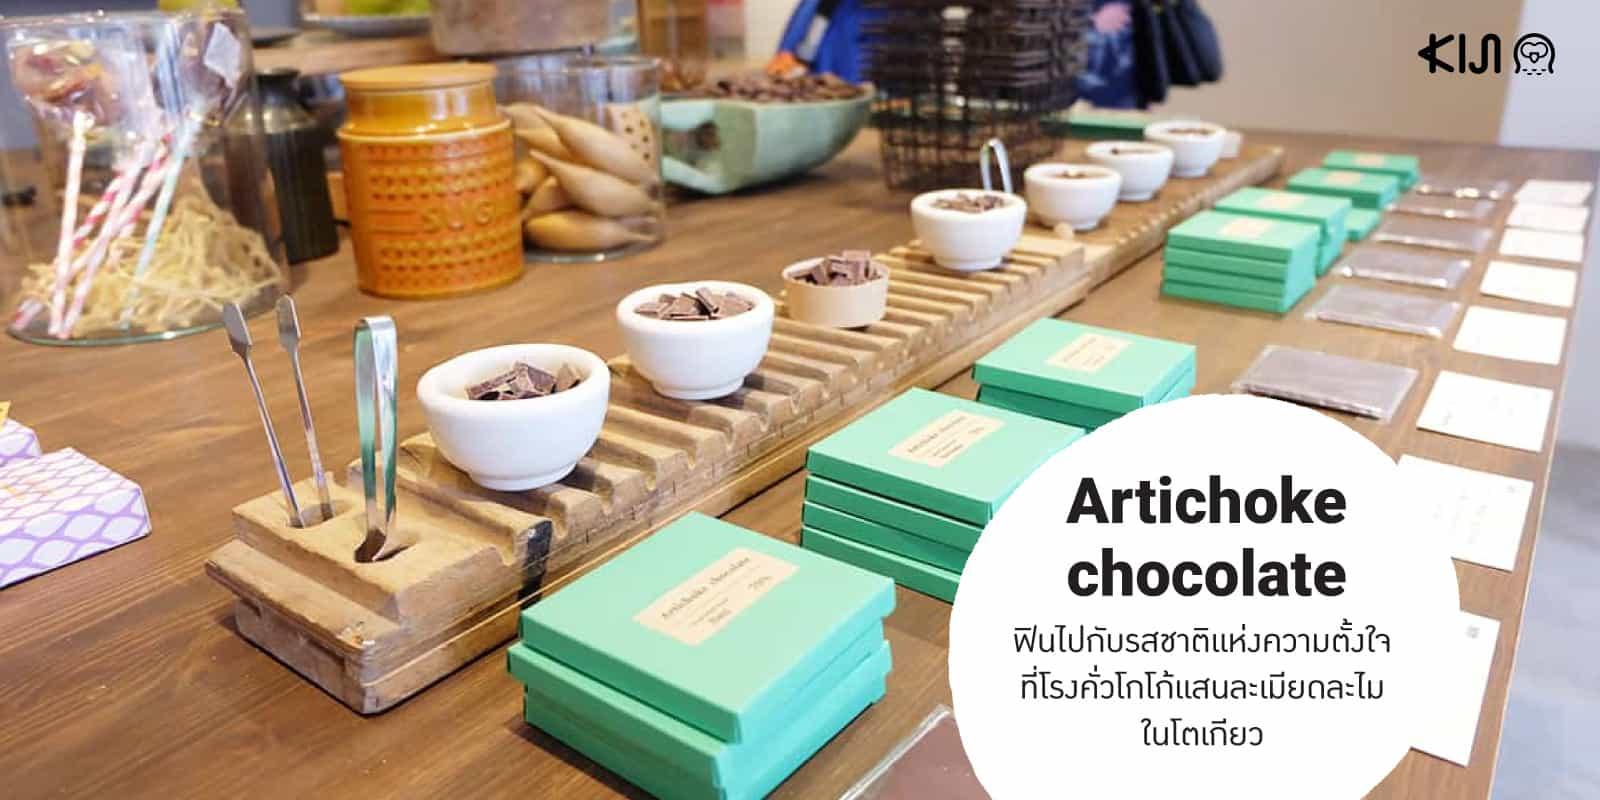 คาเฟ่ช็อกโกแลต Artichoke chocolate โตเกียว